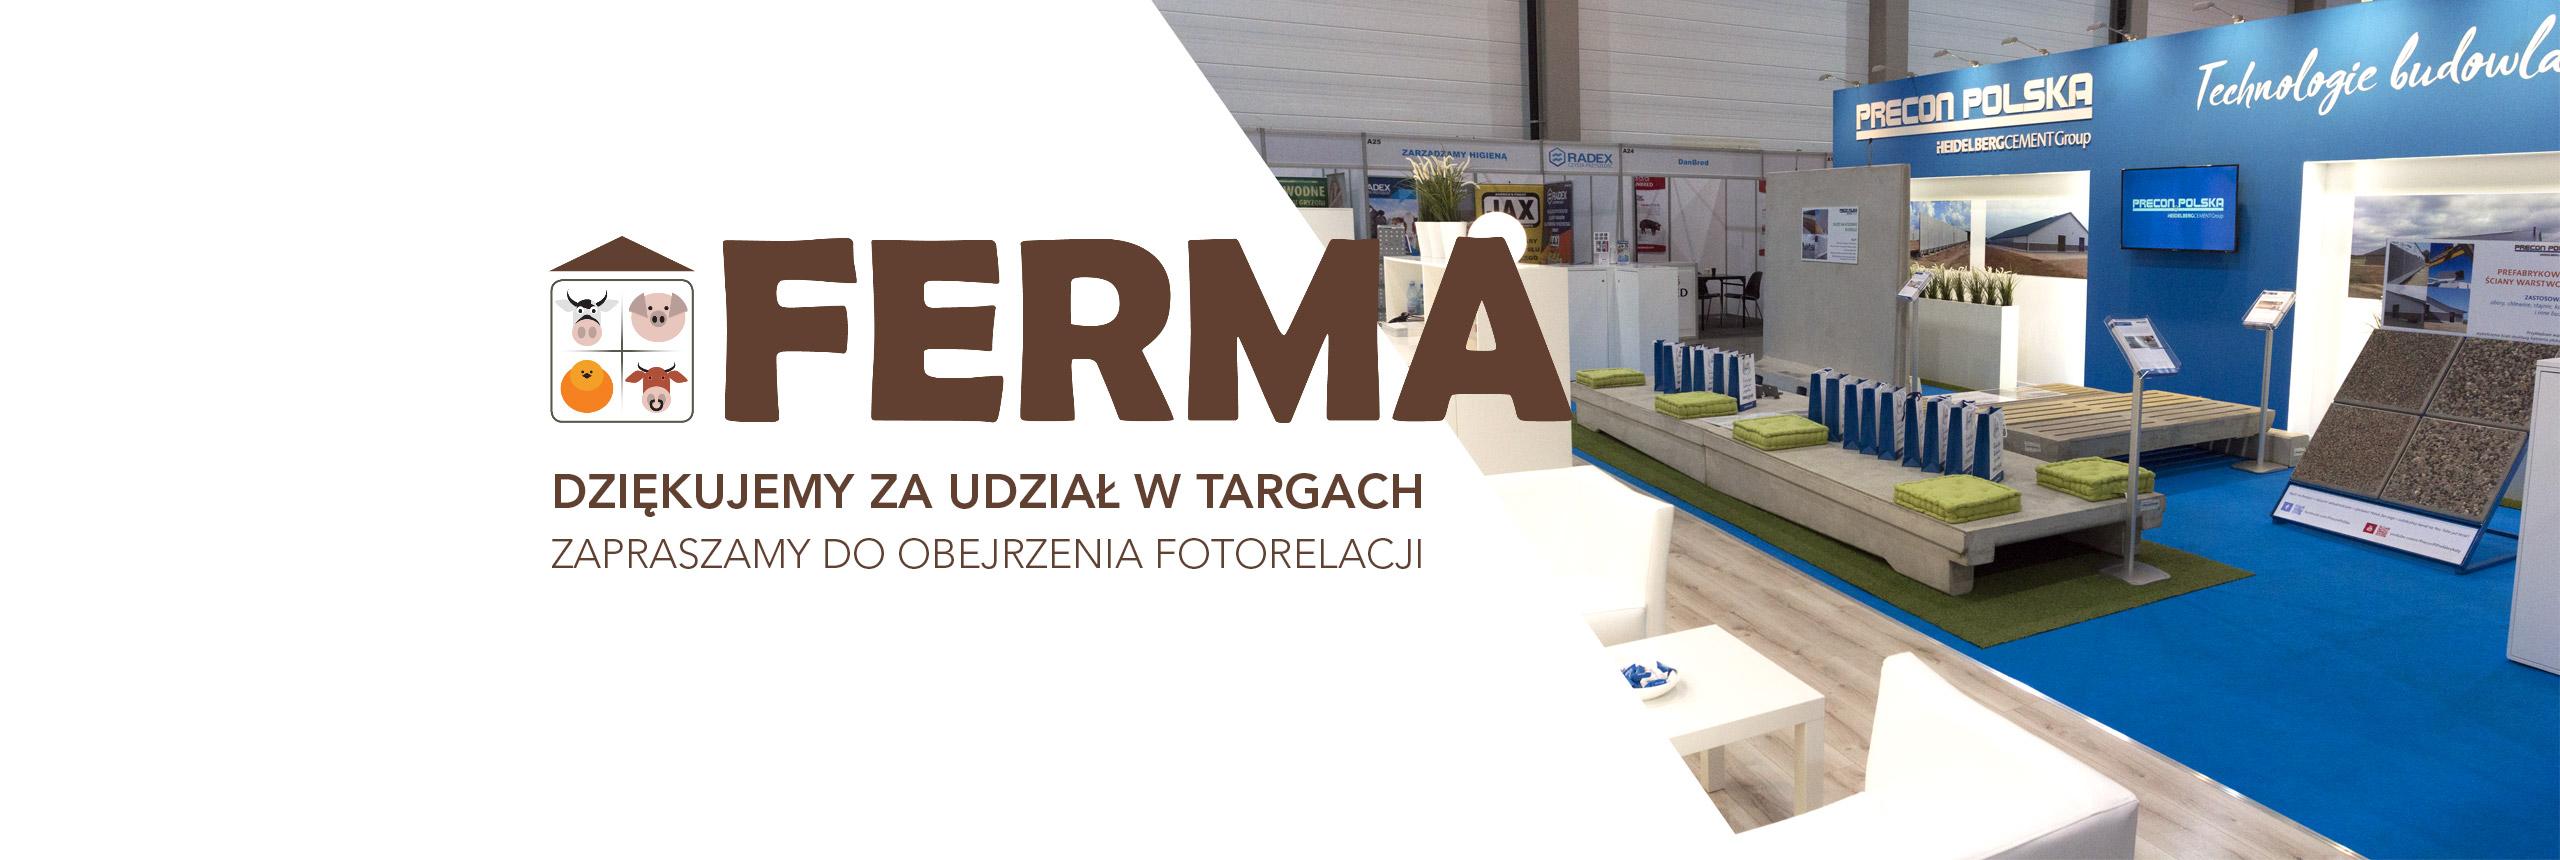 Targi Rolnicze Ferma 2019 w Łodzi Precon Polska